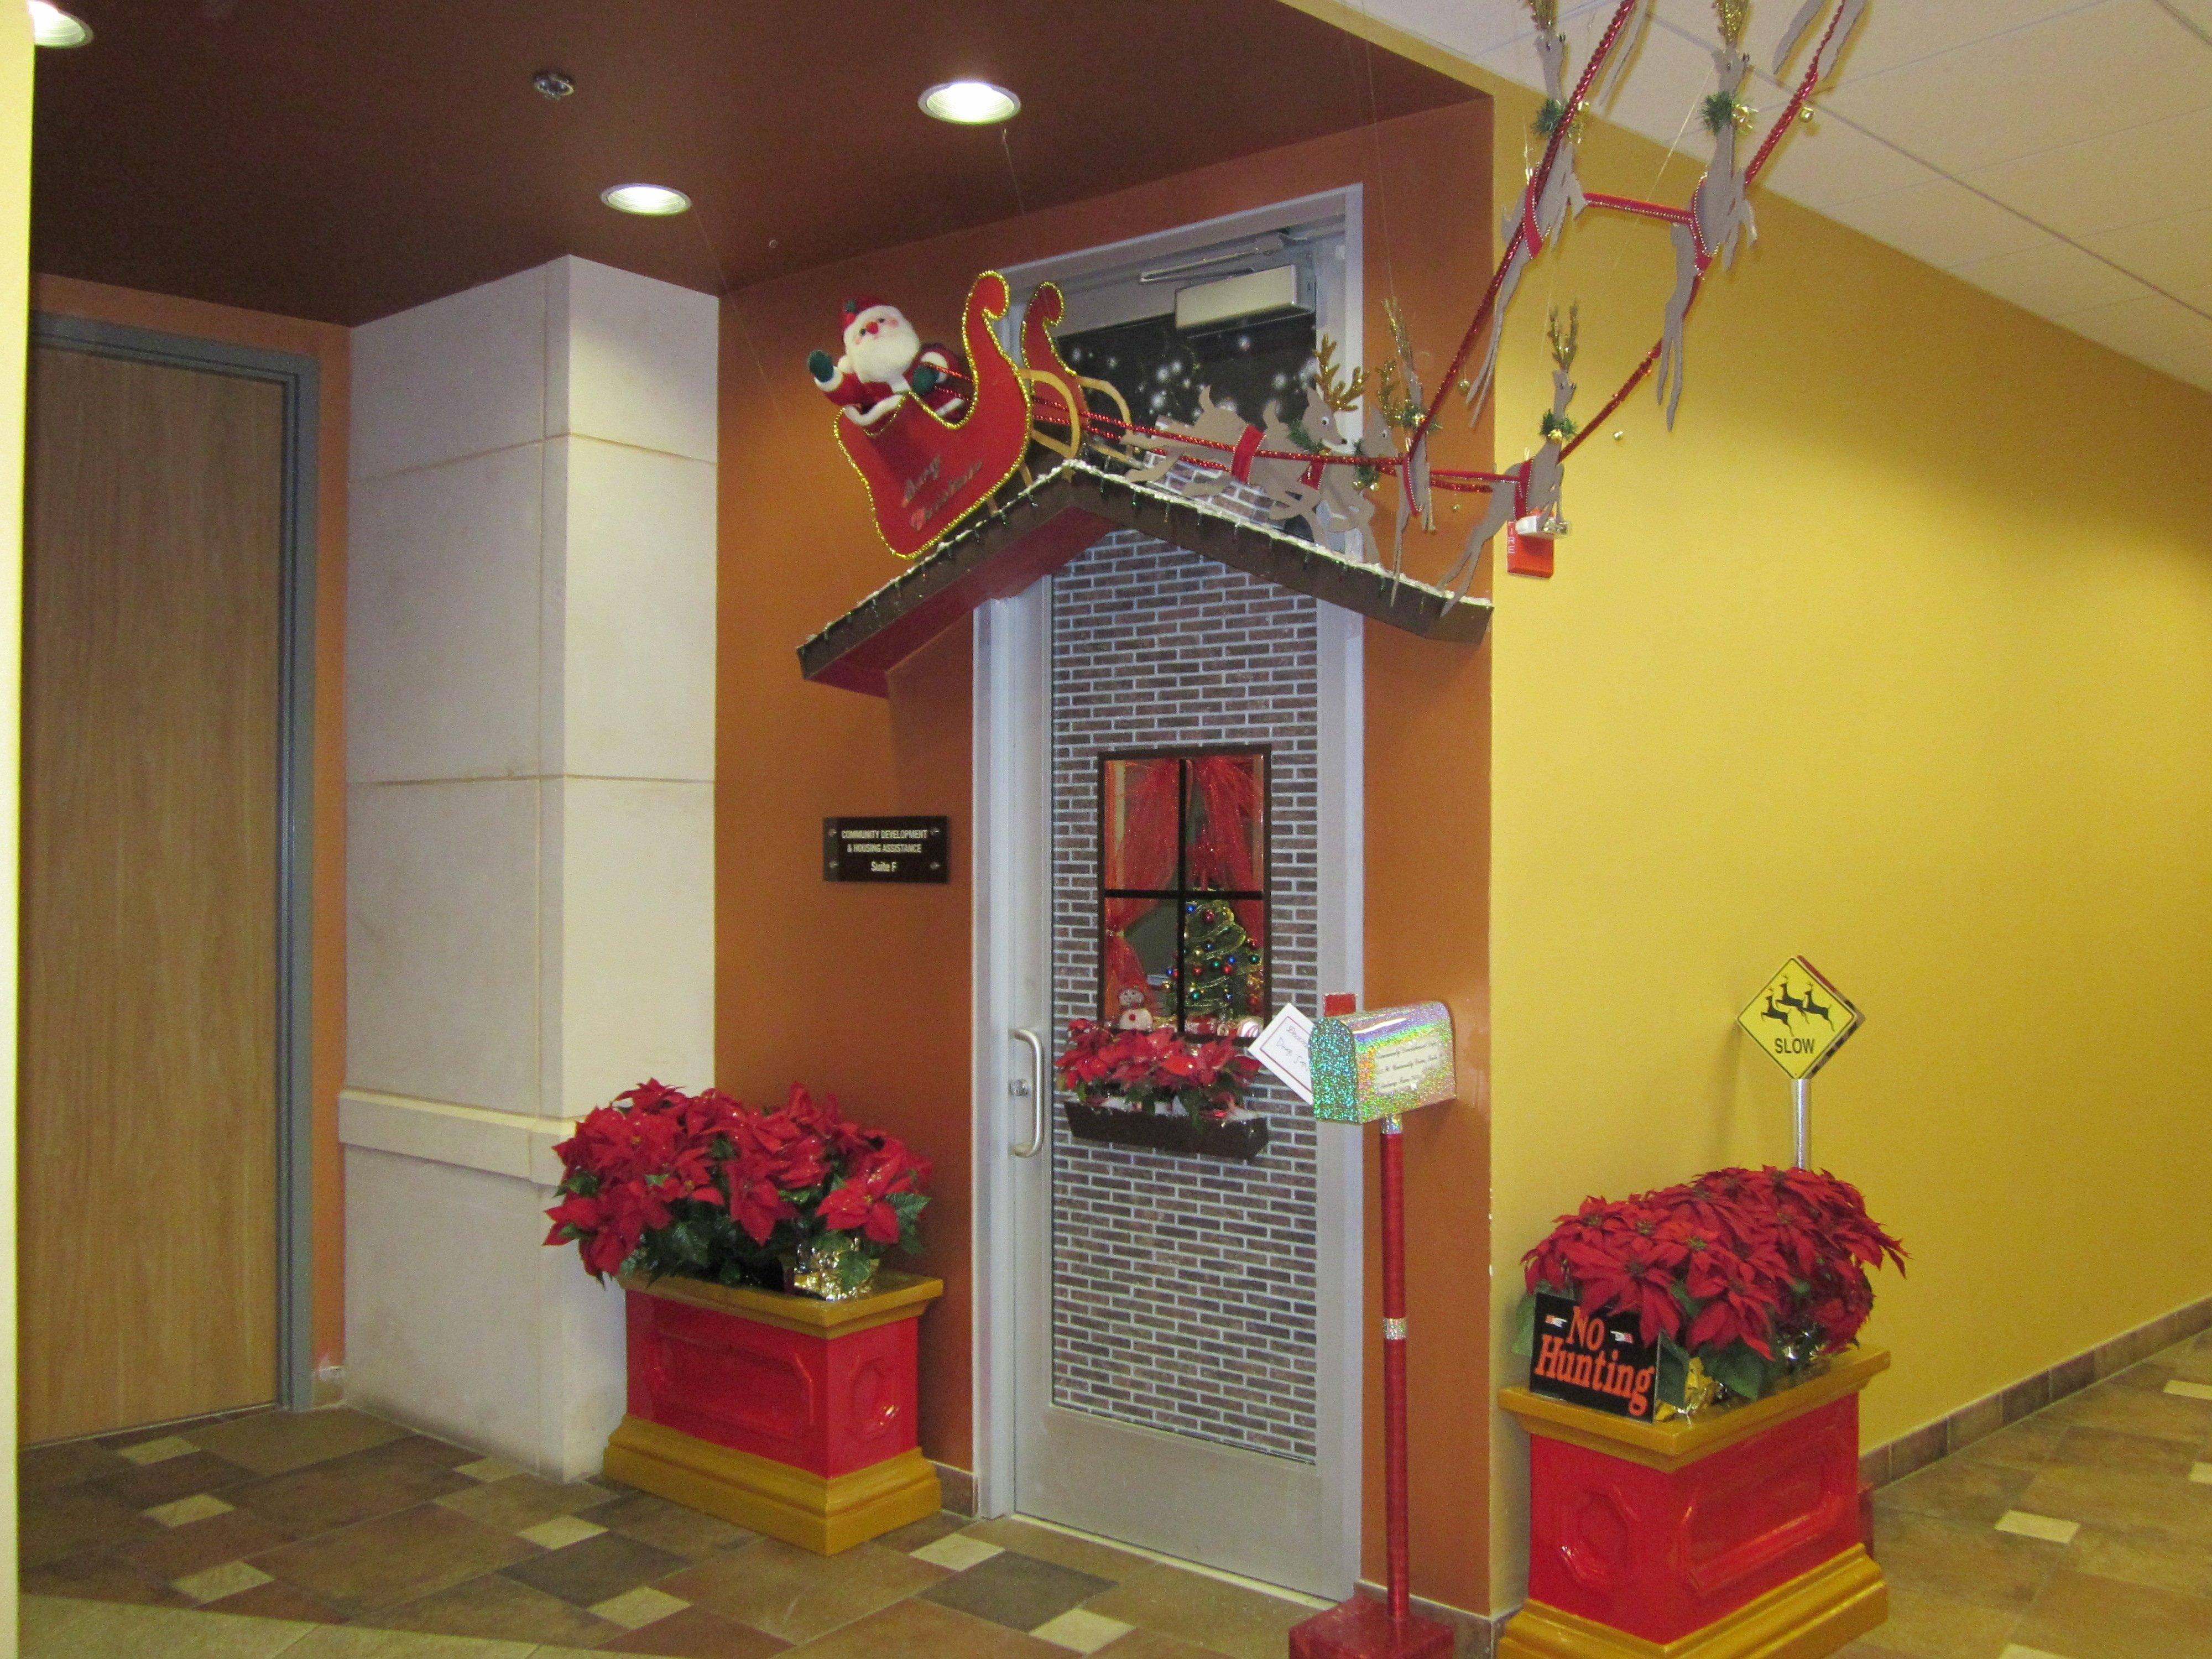 10 Fabulous Halloween Door Decorating Contest Ideas christmas door decorating contest slideshow dma homes 68549 2 2020